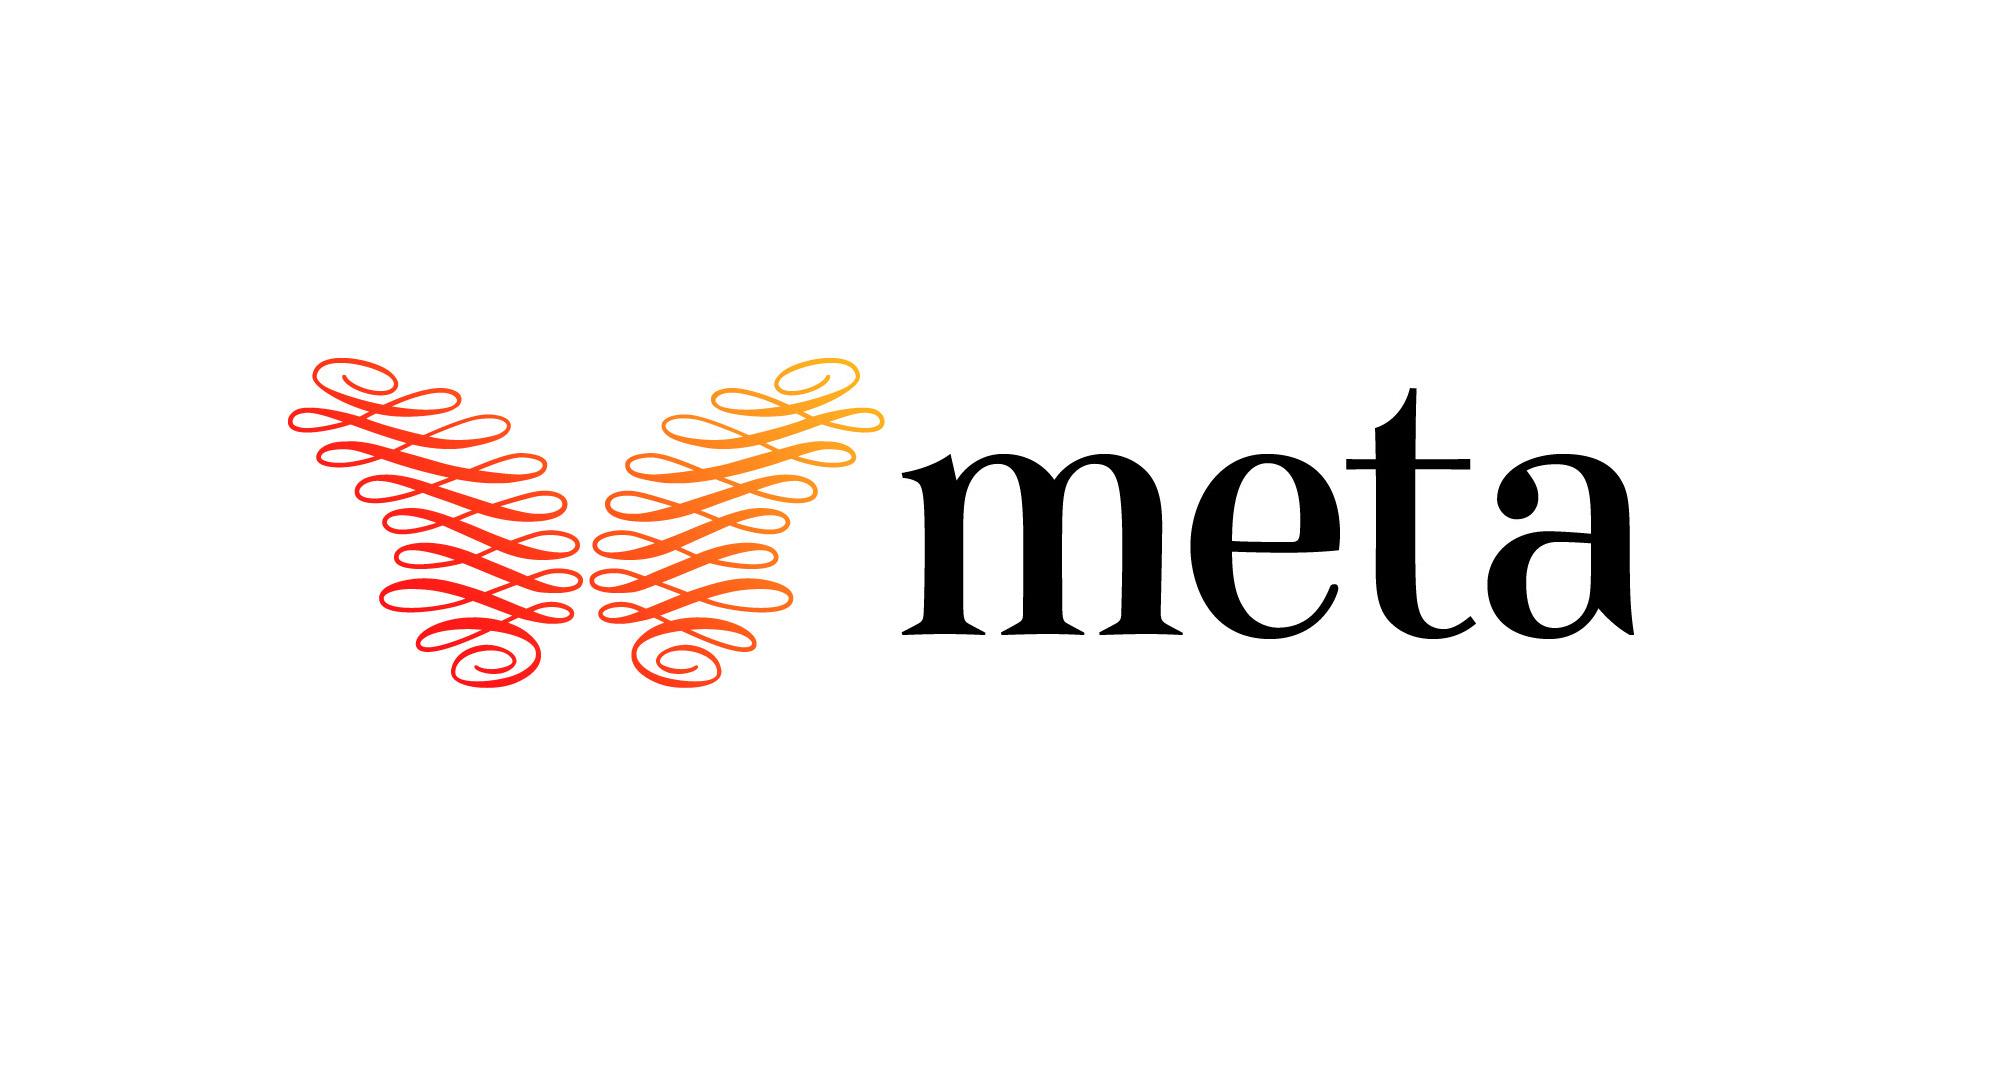 Meta logotype design